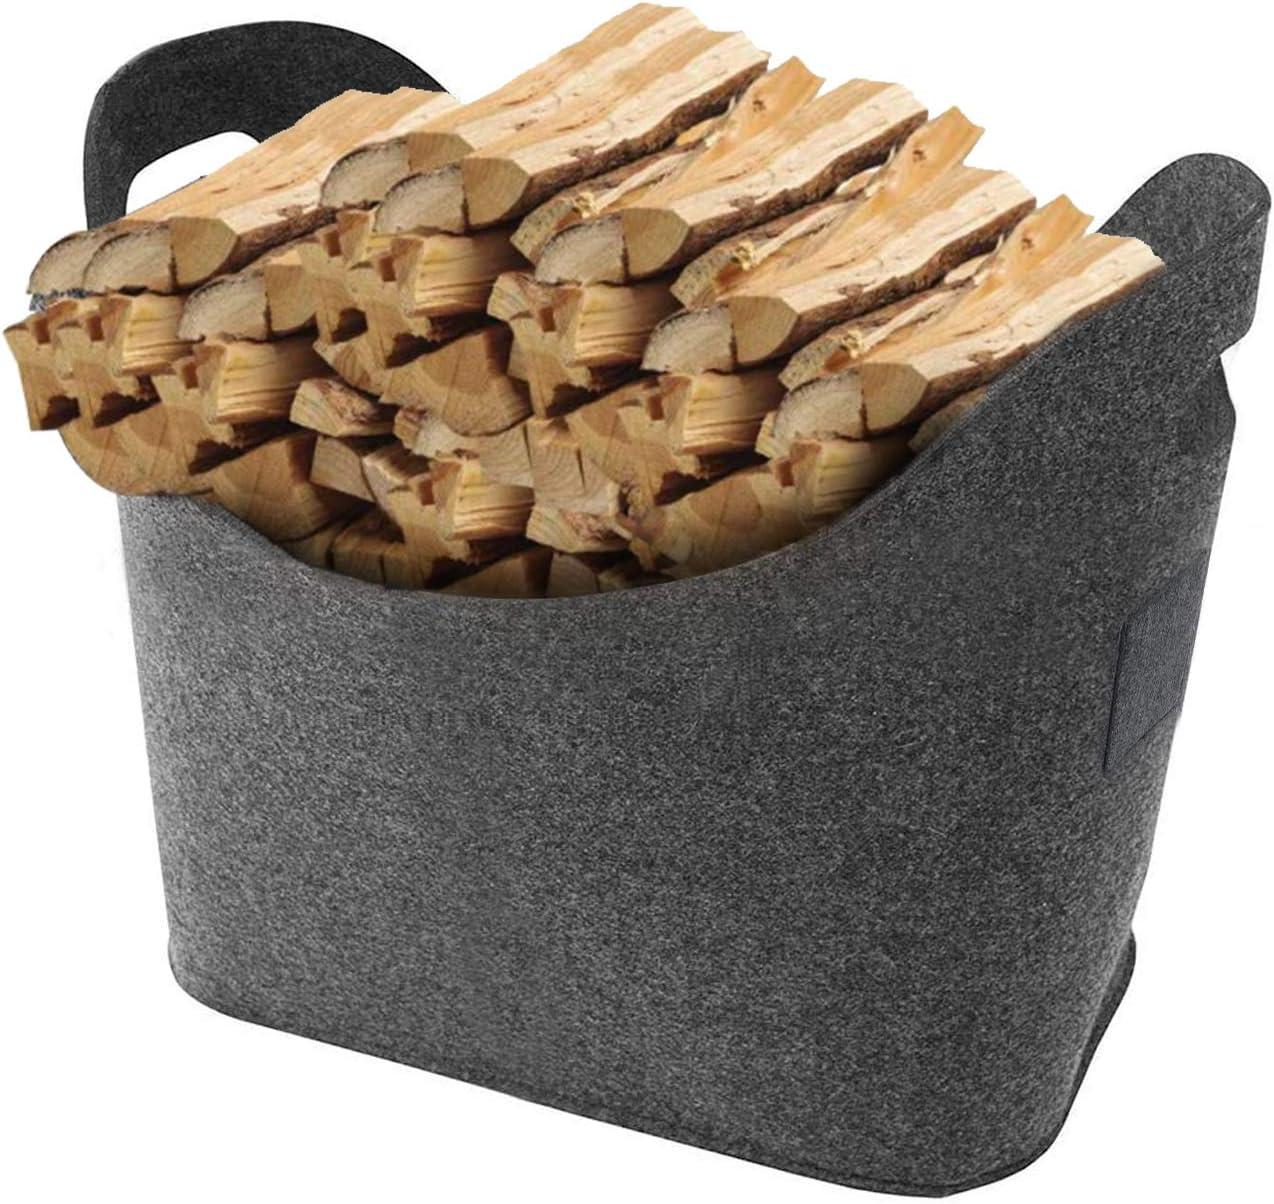 Bolsas de fieltro para leña, cesta de fieltro con asas, plegable, cesta de fieltro, cesta para leña, cesta de la compra, cesta para periódicos, bolsa de fieltro (Gris oscuro)